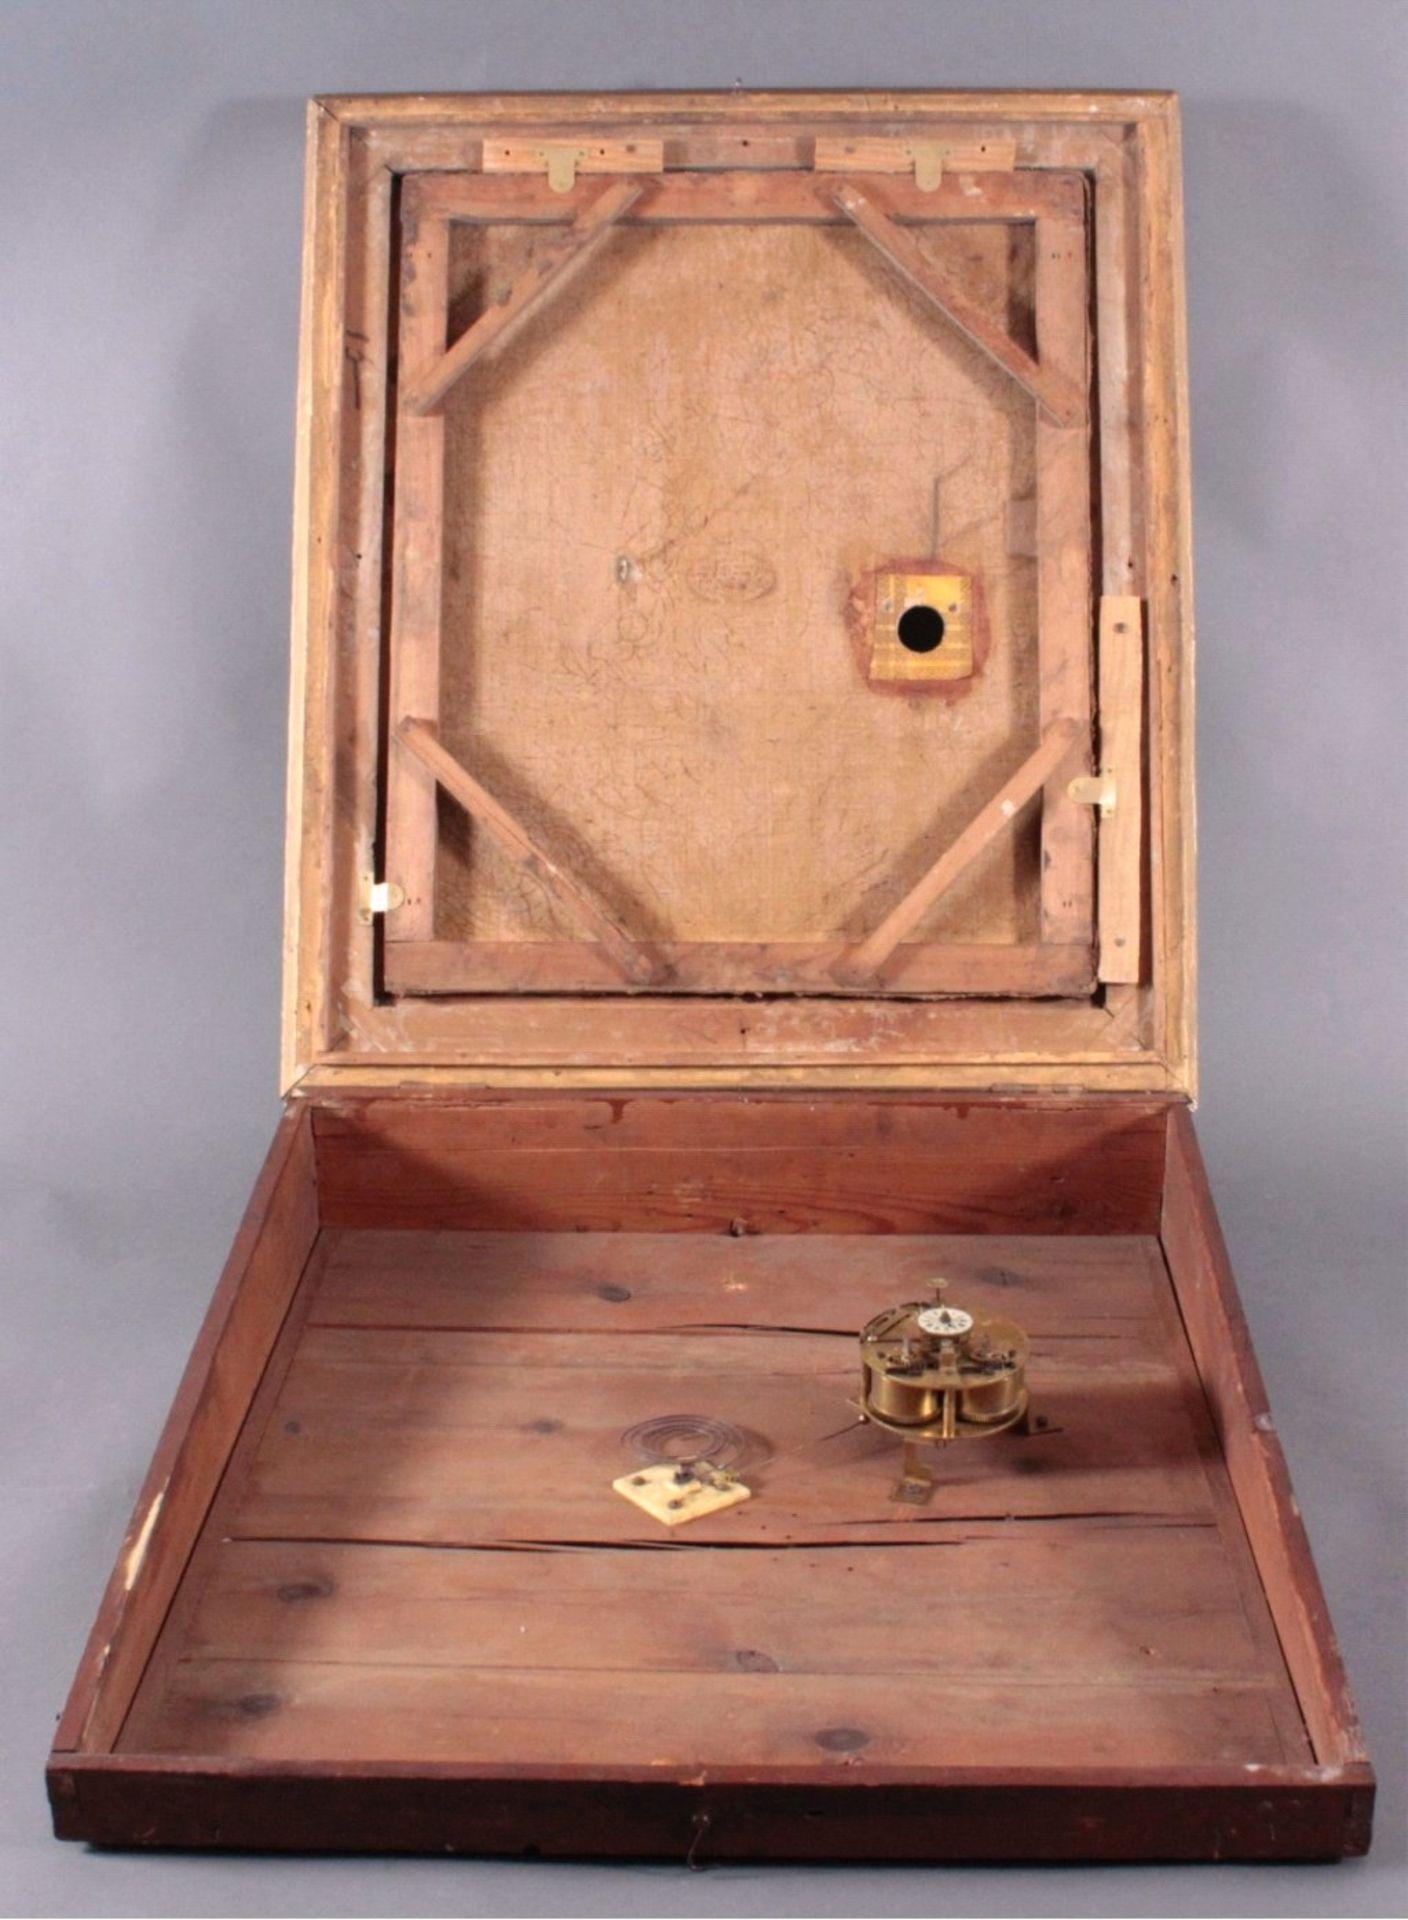 Bilderuhr mit Motiv des Straßburger MünstersFrankreich 19. Jh., vergoldeter Rahmenkasten mit - Bild 3 aus 6